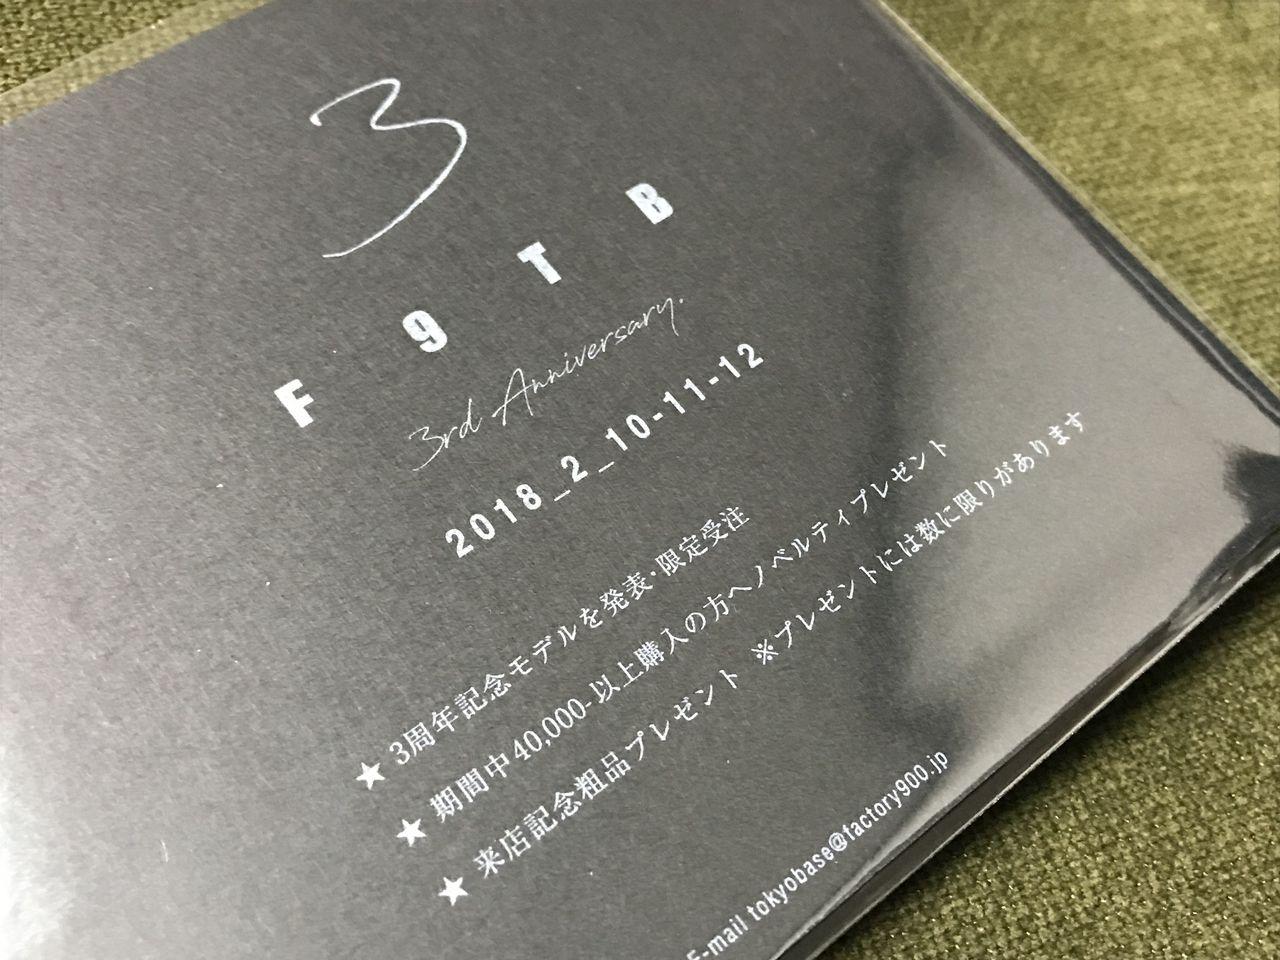 遠近メゾネットメガネ部      召集令状(黒紙)    コメント